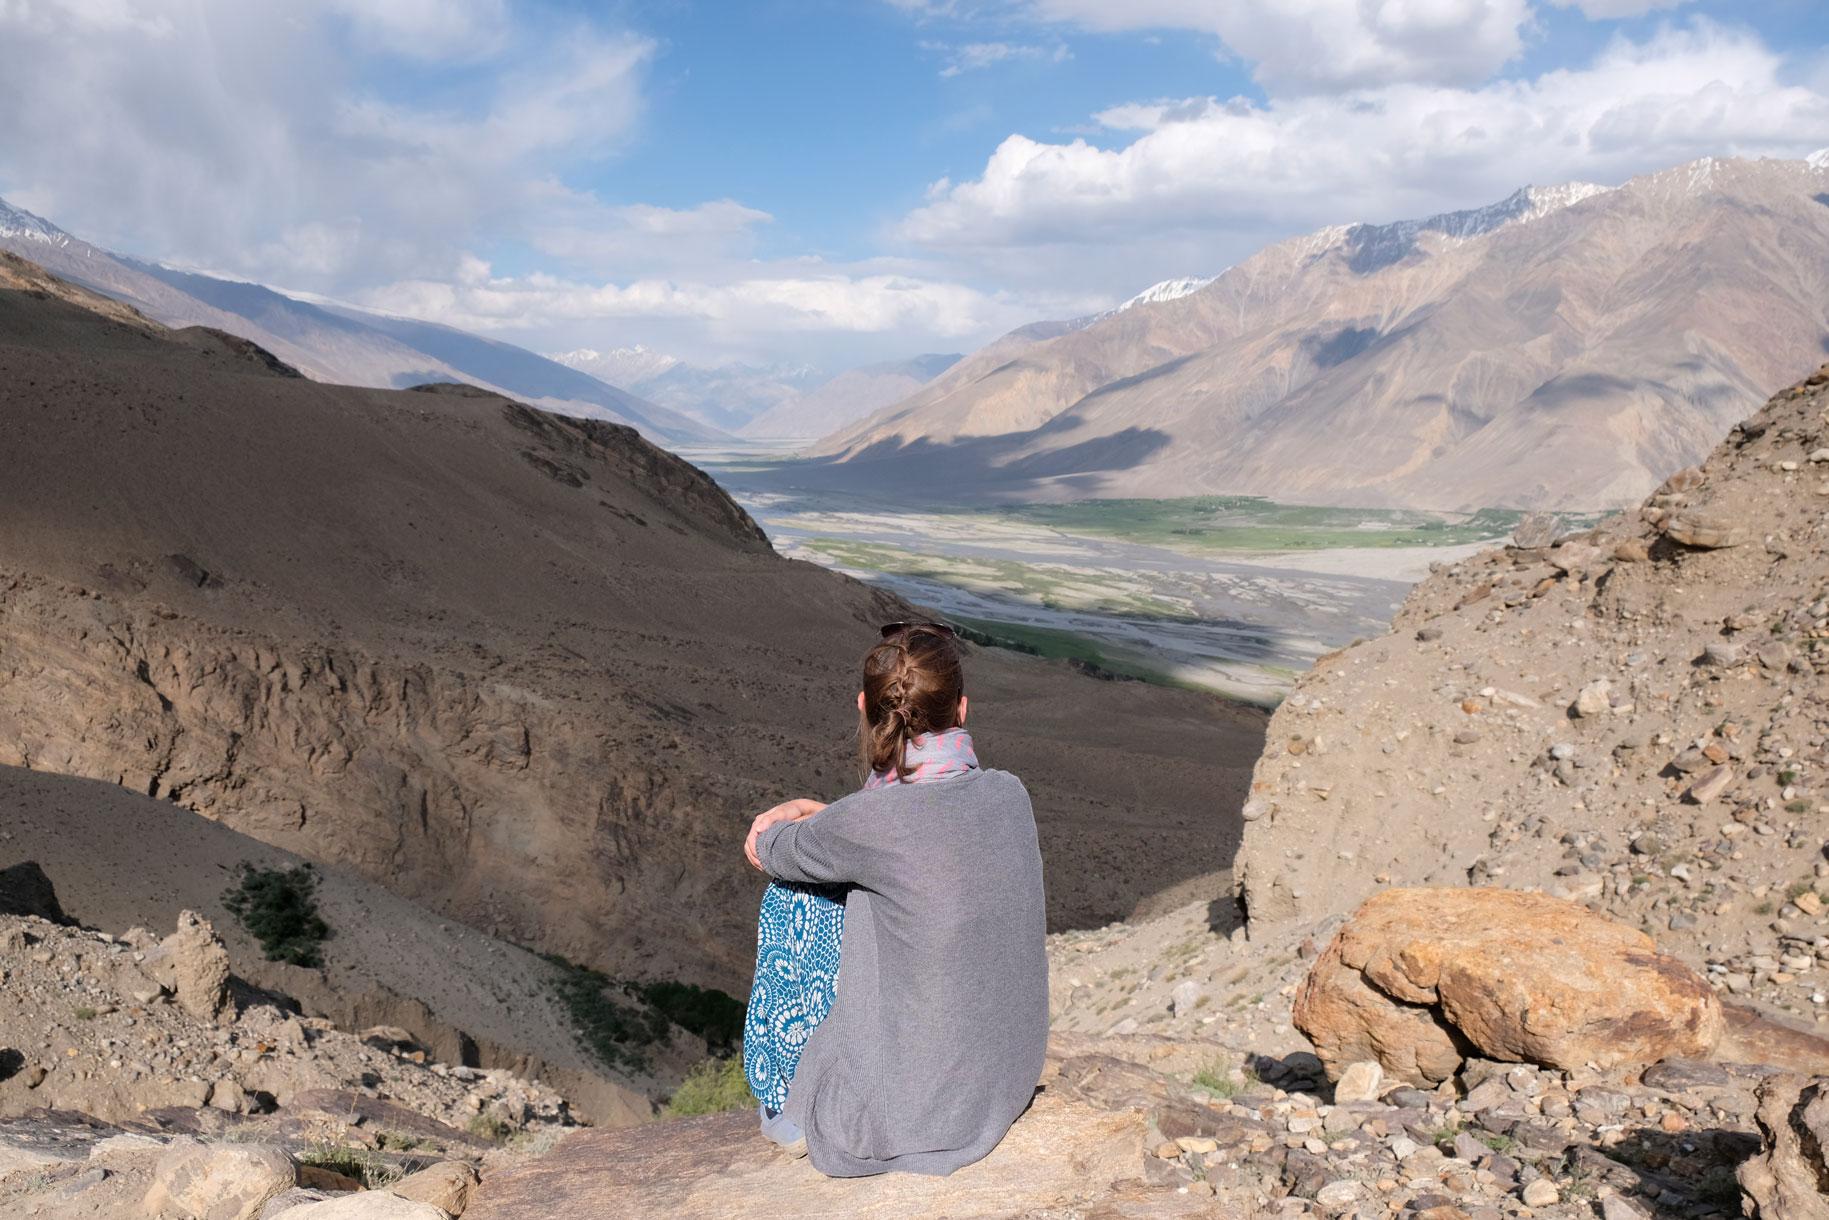 Der Blick von oben hinunter aufs Wakhan Valley